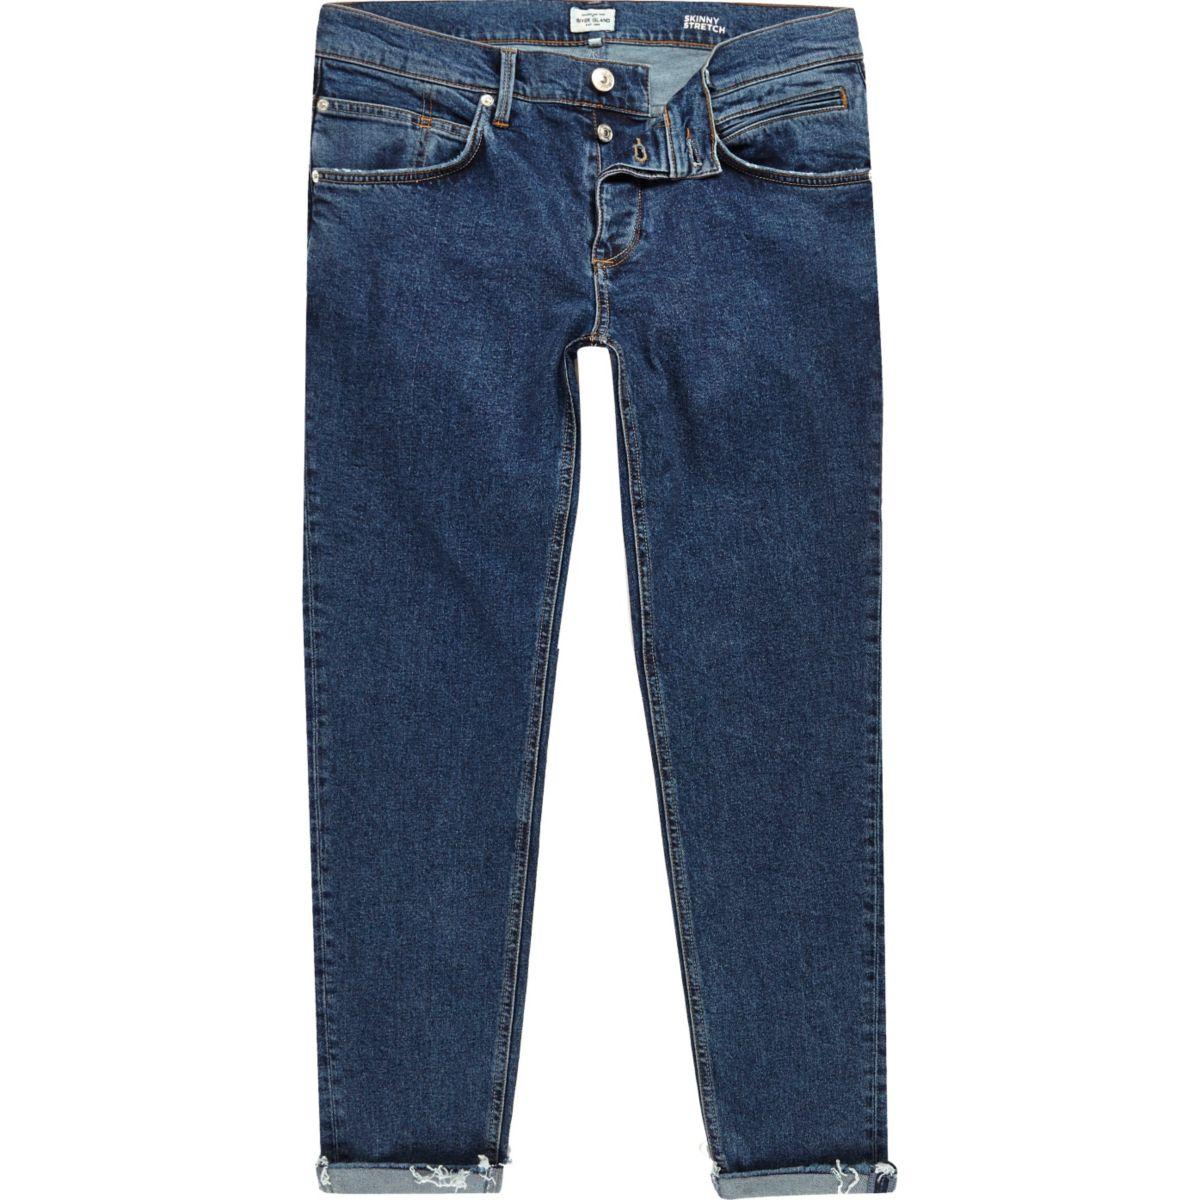 Sid blauwe halflange skinny jeans